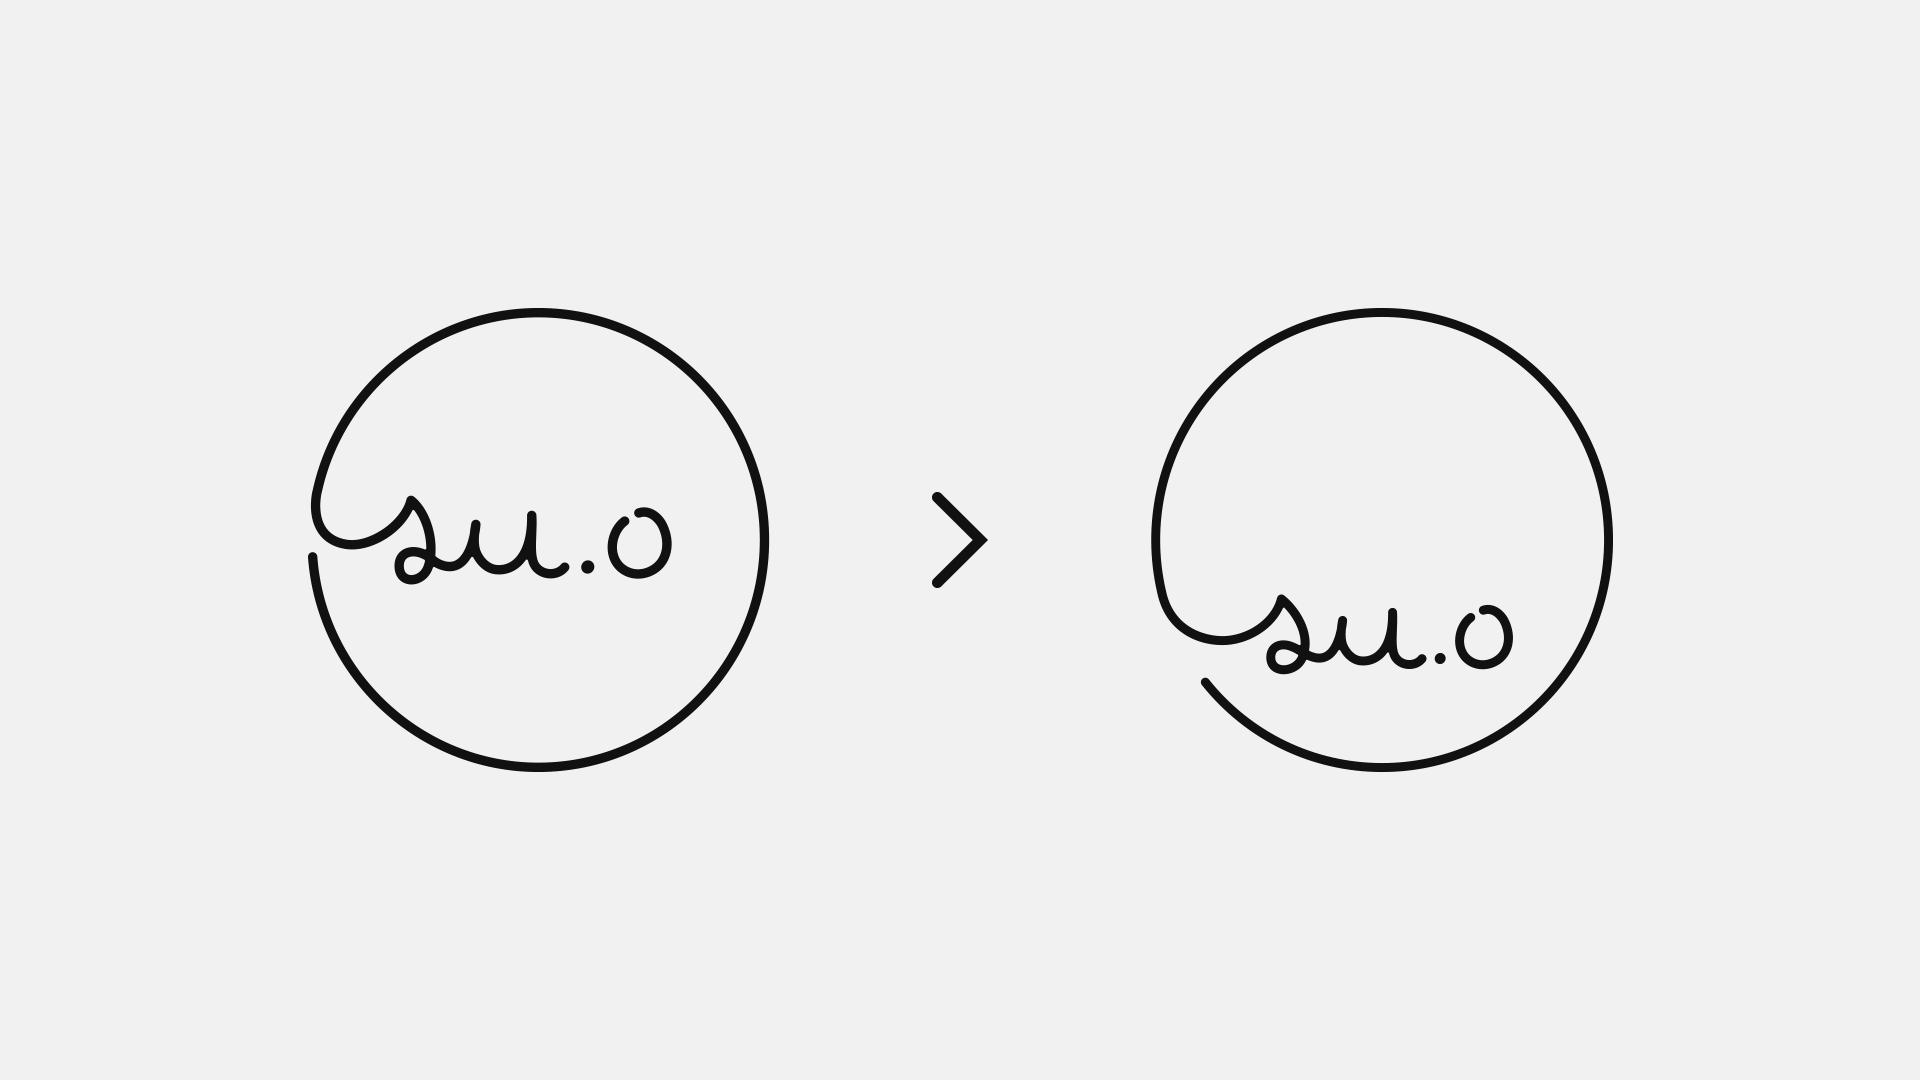 文字の配置の比較画像